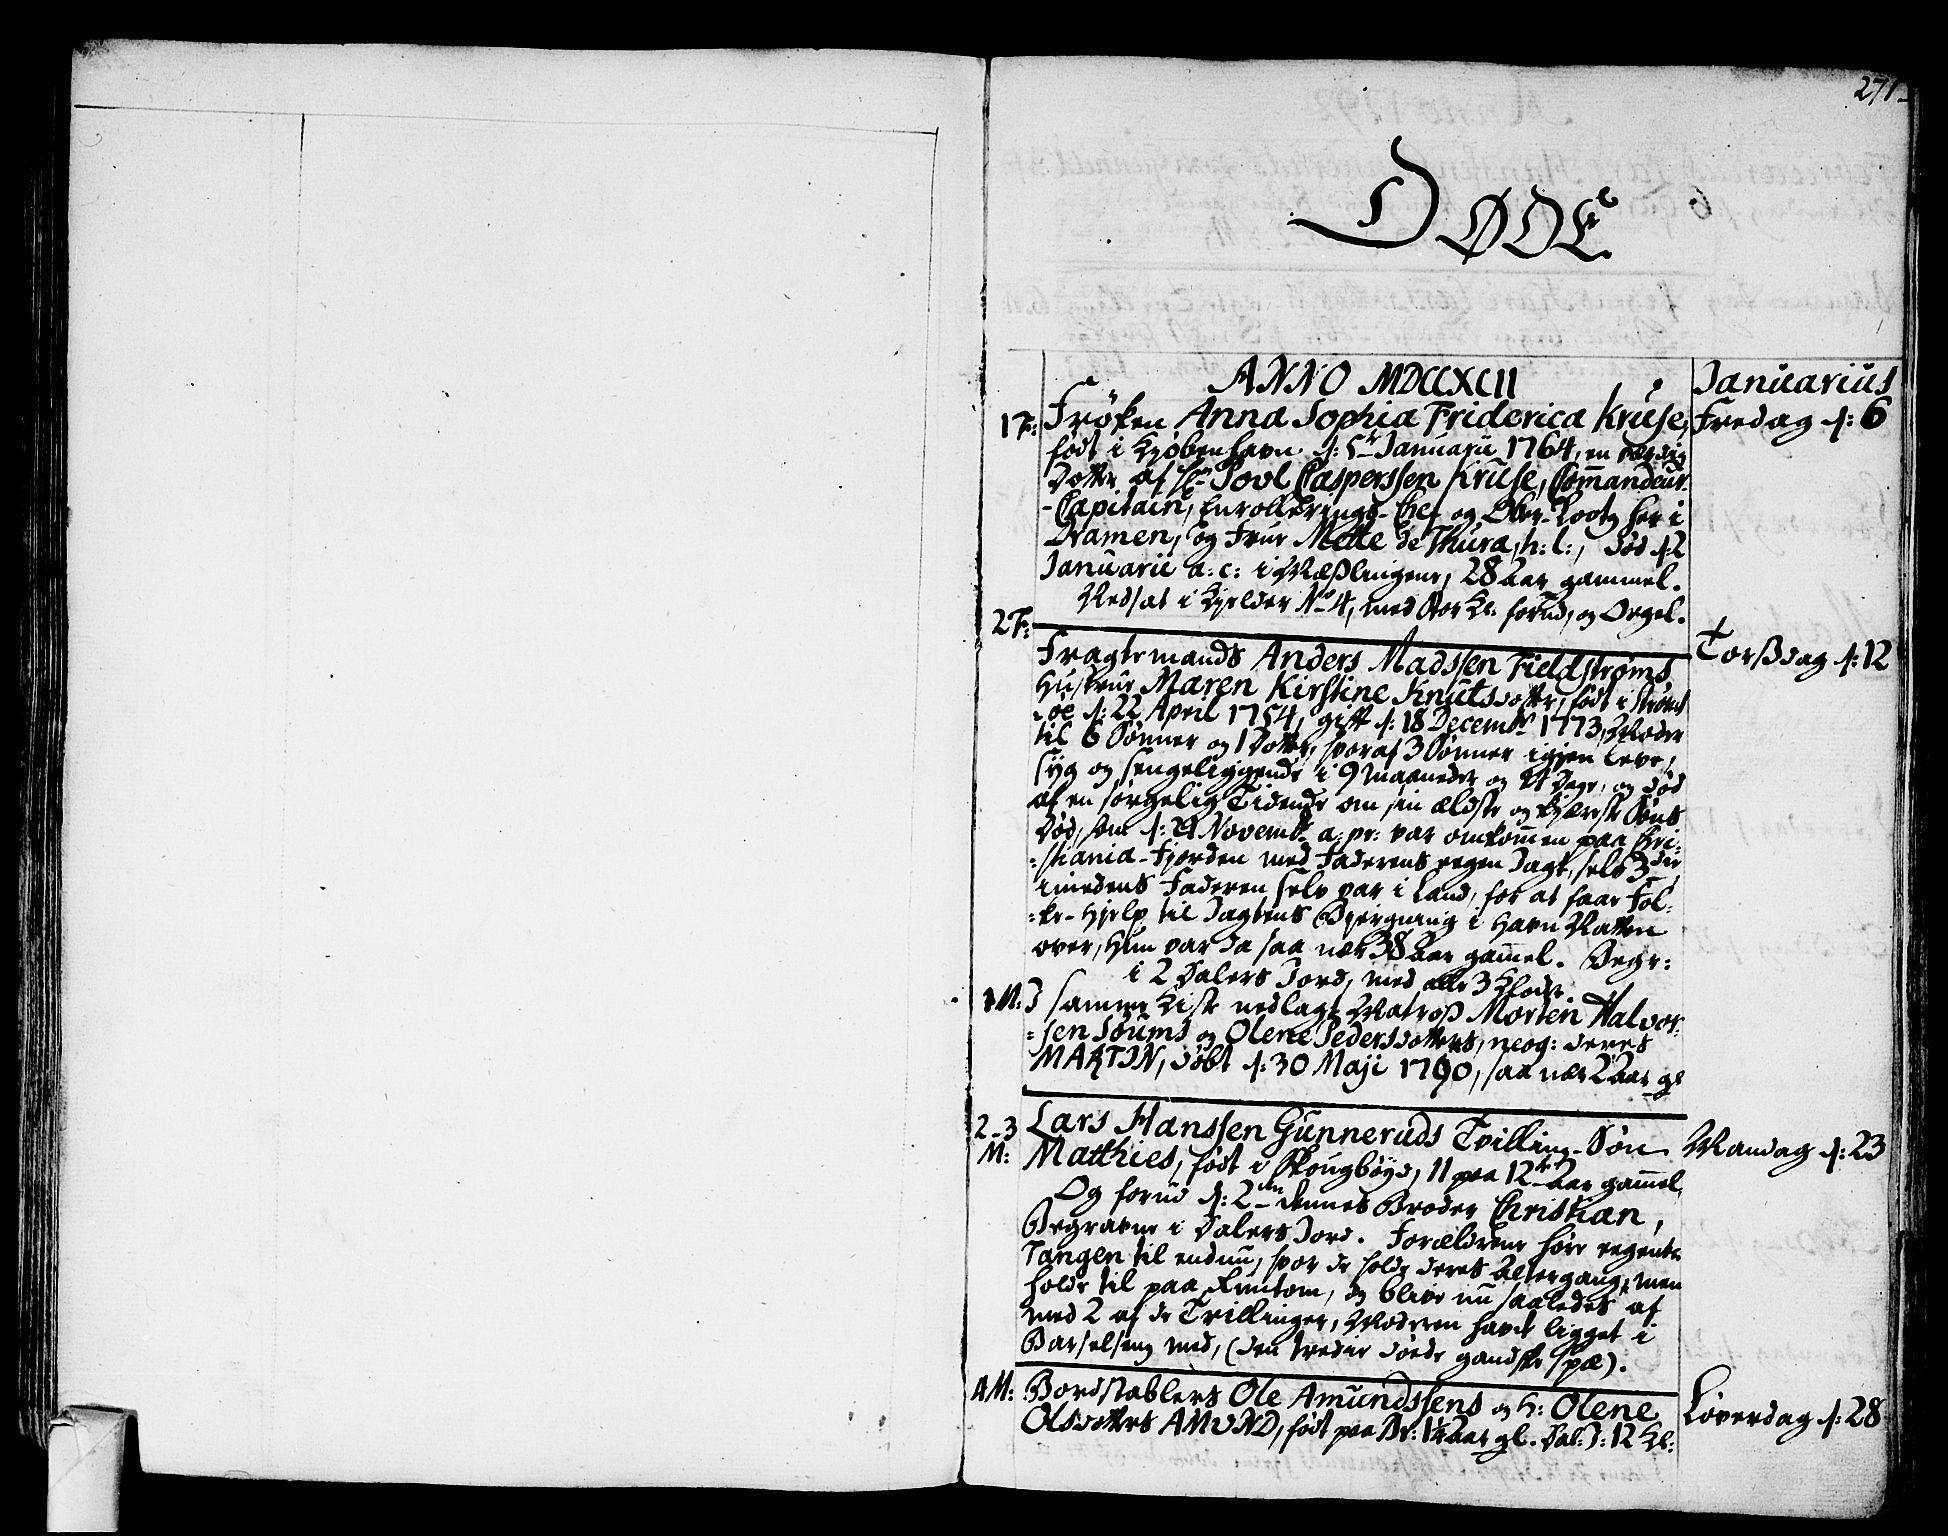 SAKO, Strømsø kirkebøker, F/Fa/L0010: Ministerialbok nr. I 10, 1792-1822, s. 271